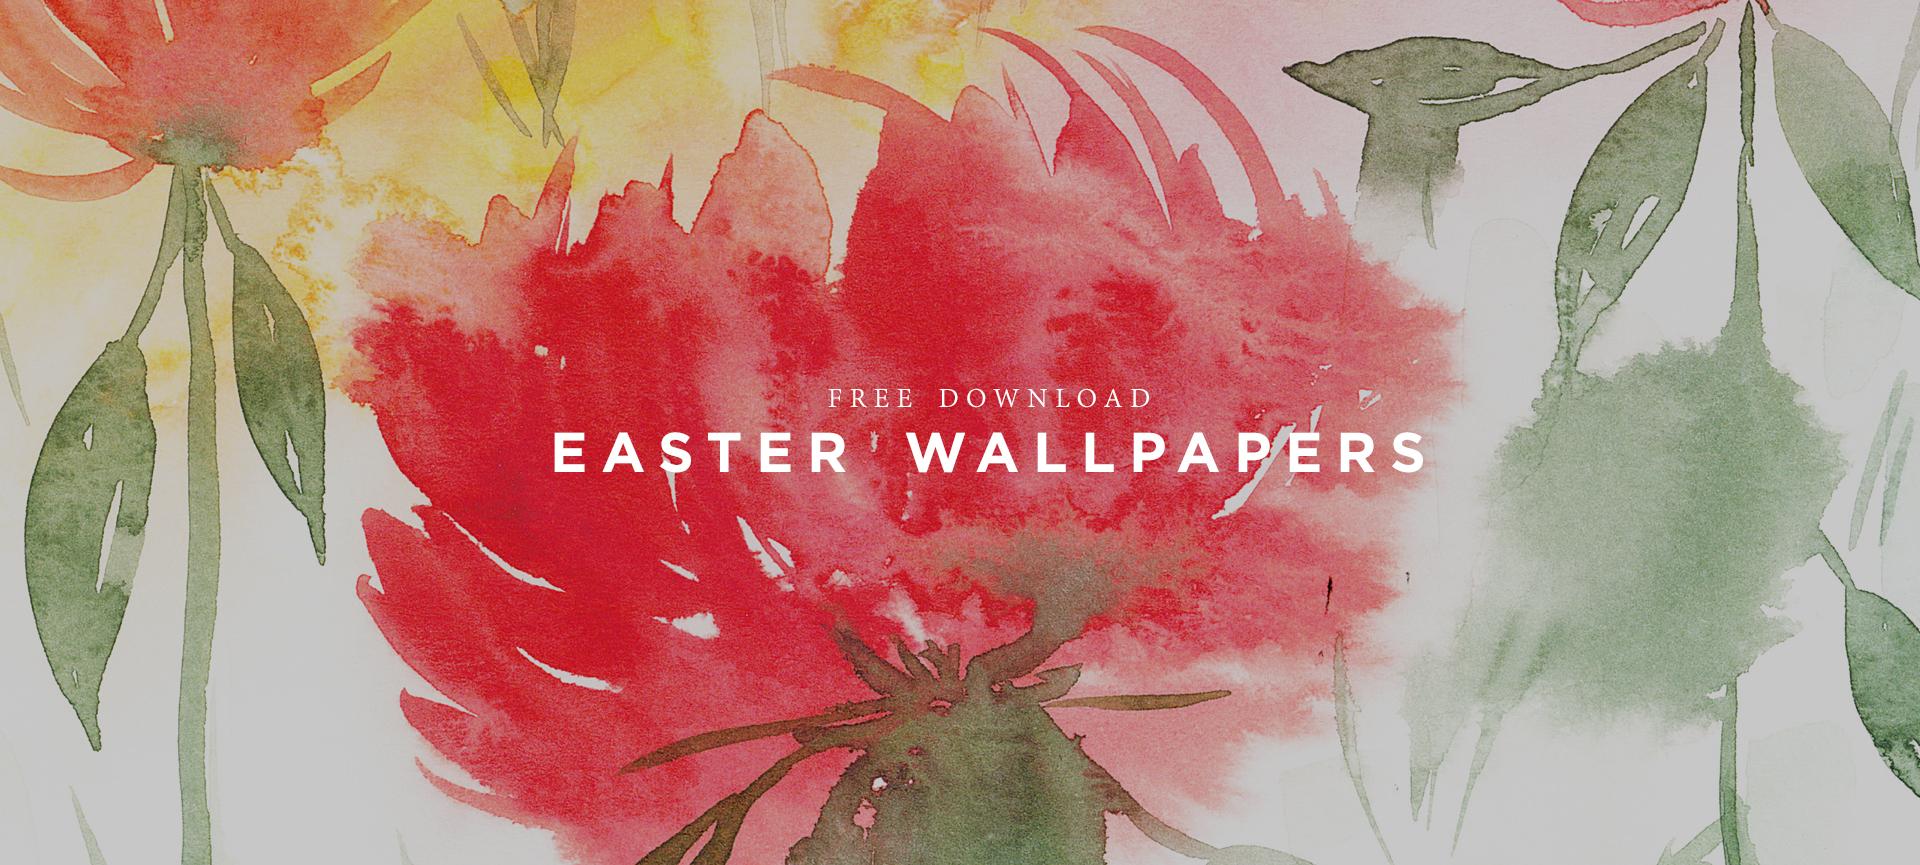 wallpaperheader-easter.jpg